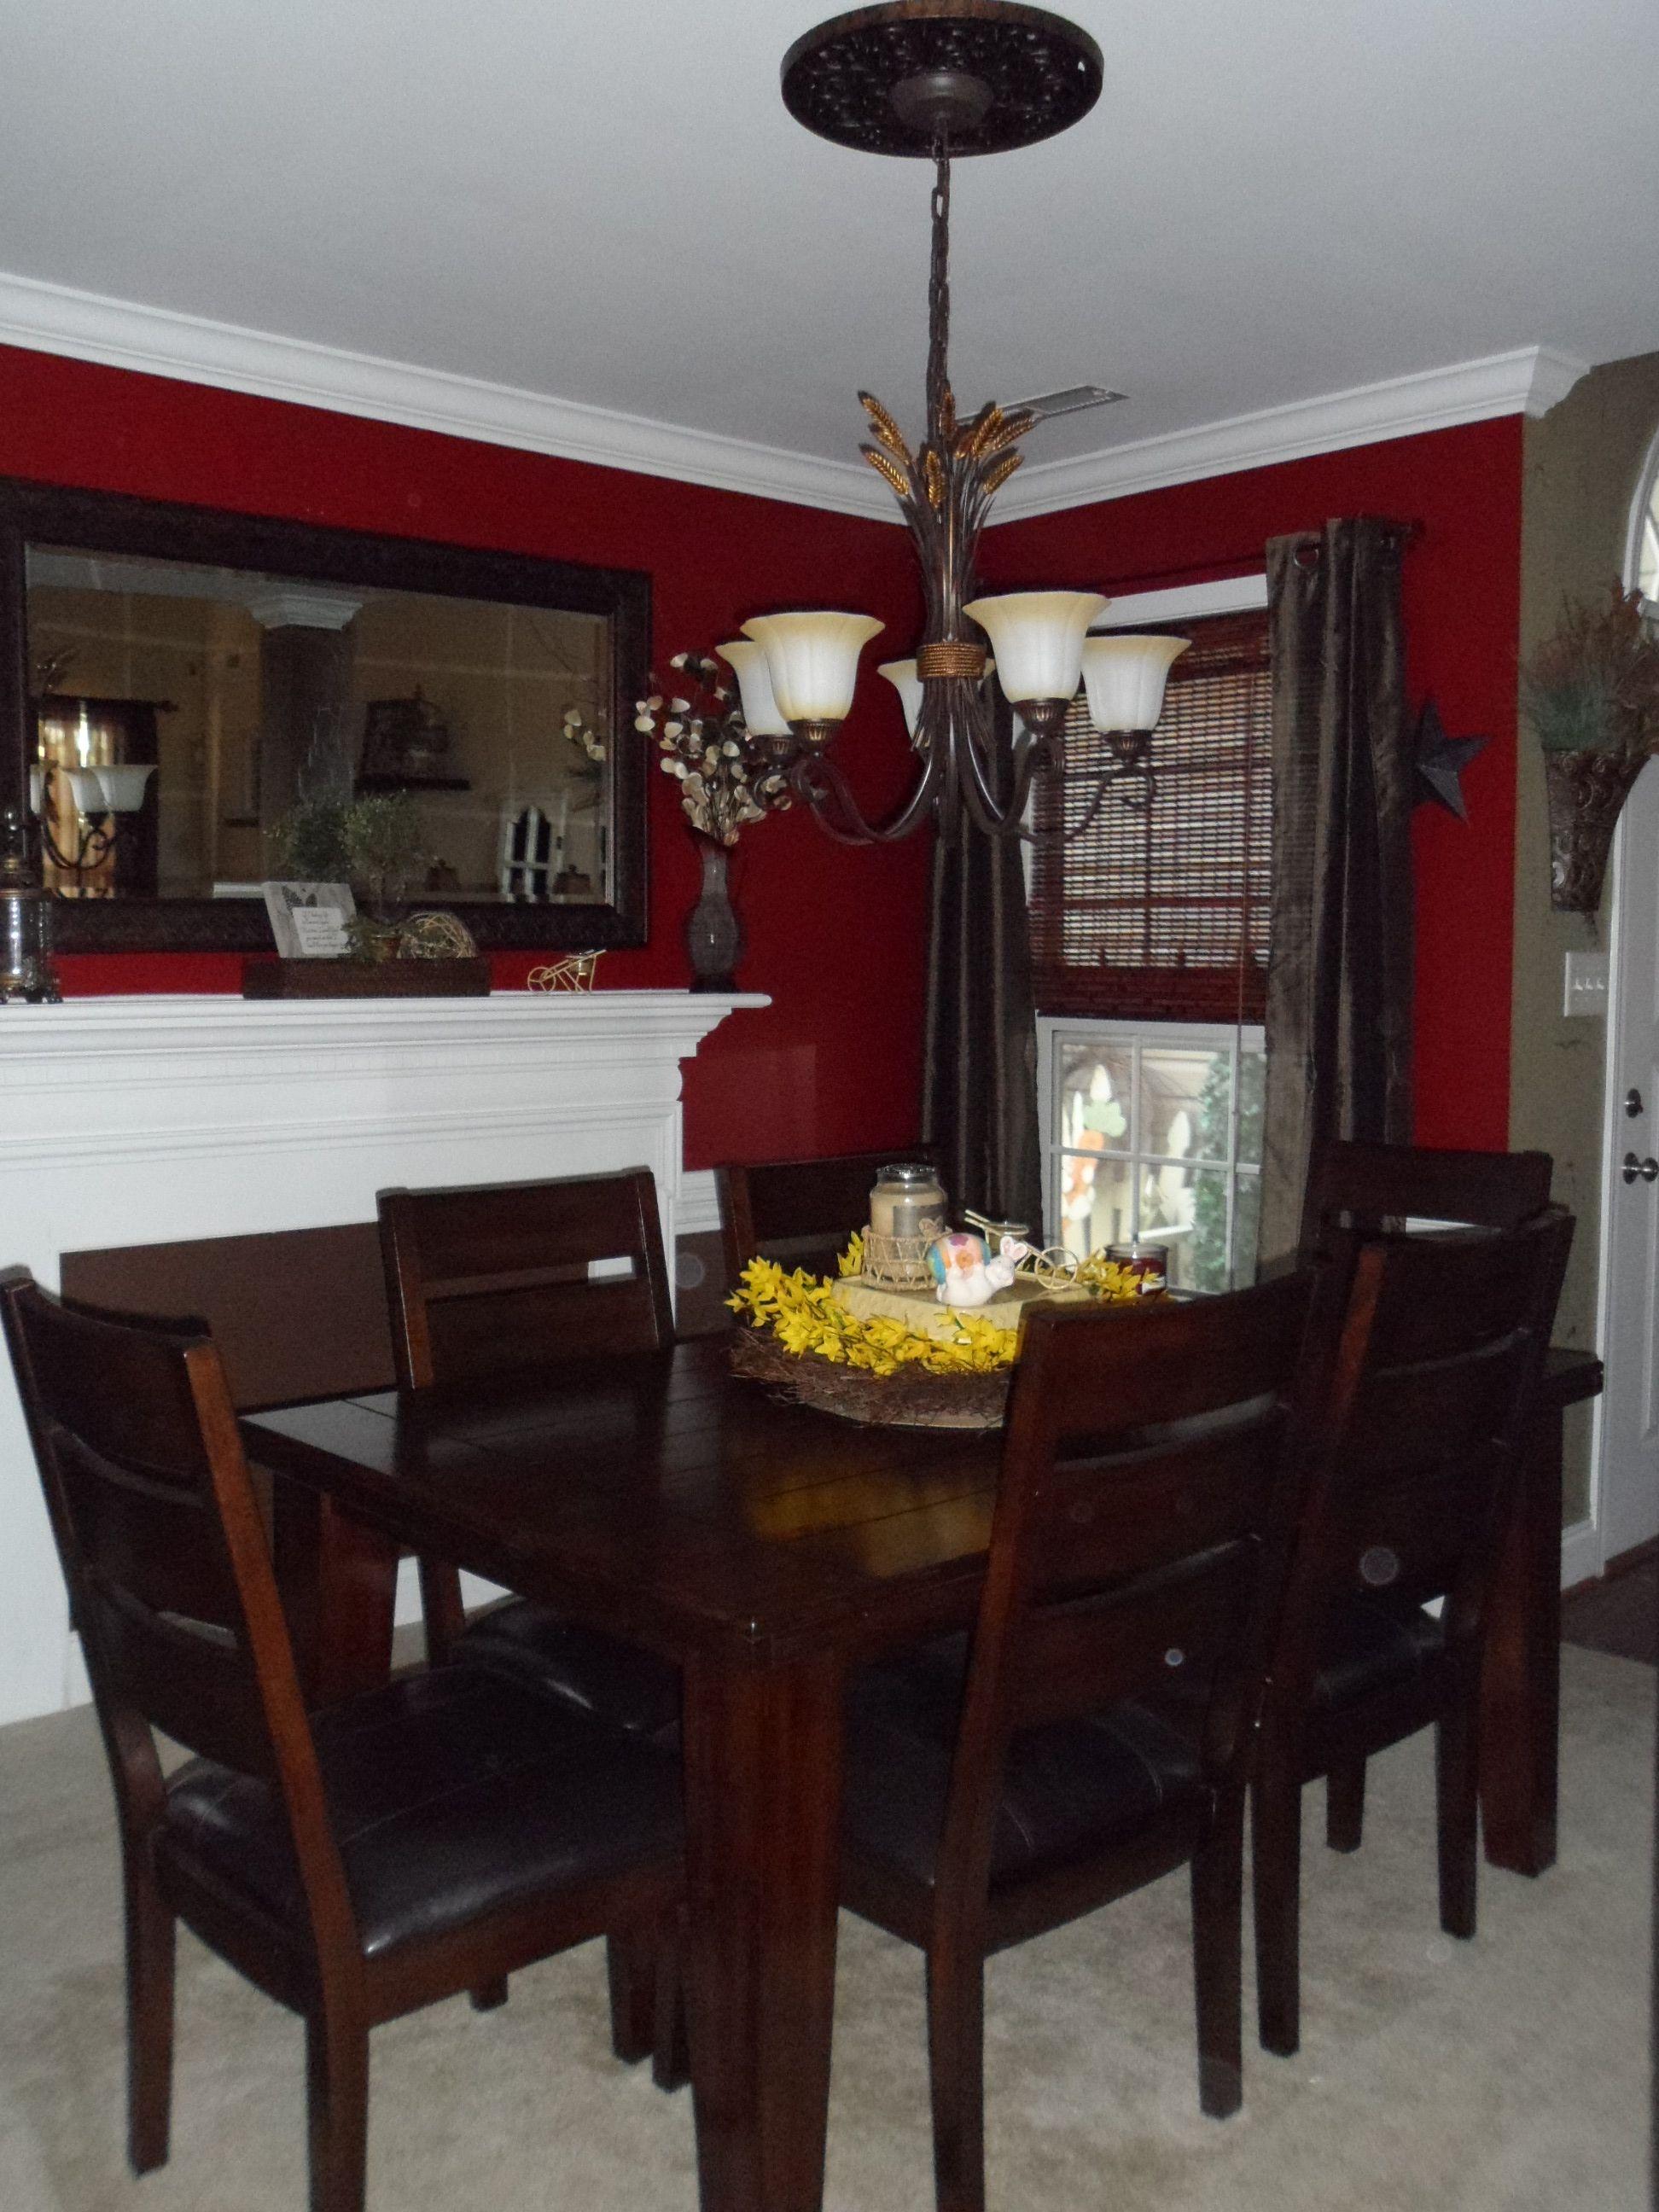 Pin by Roxii on Home - Dining Room | Comedores, Decoración para el ...